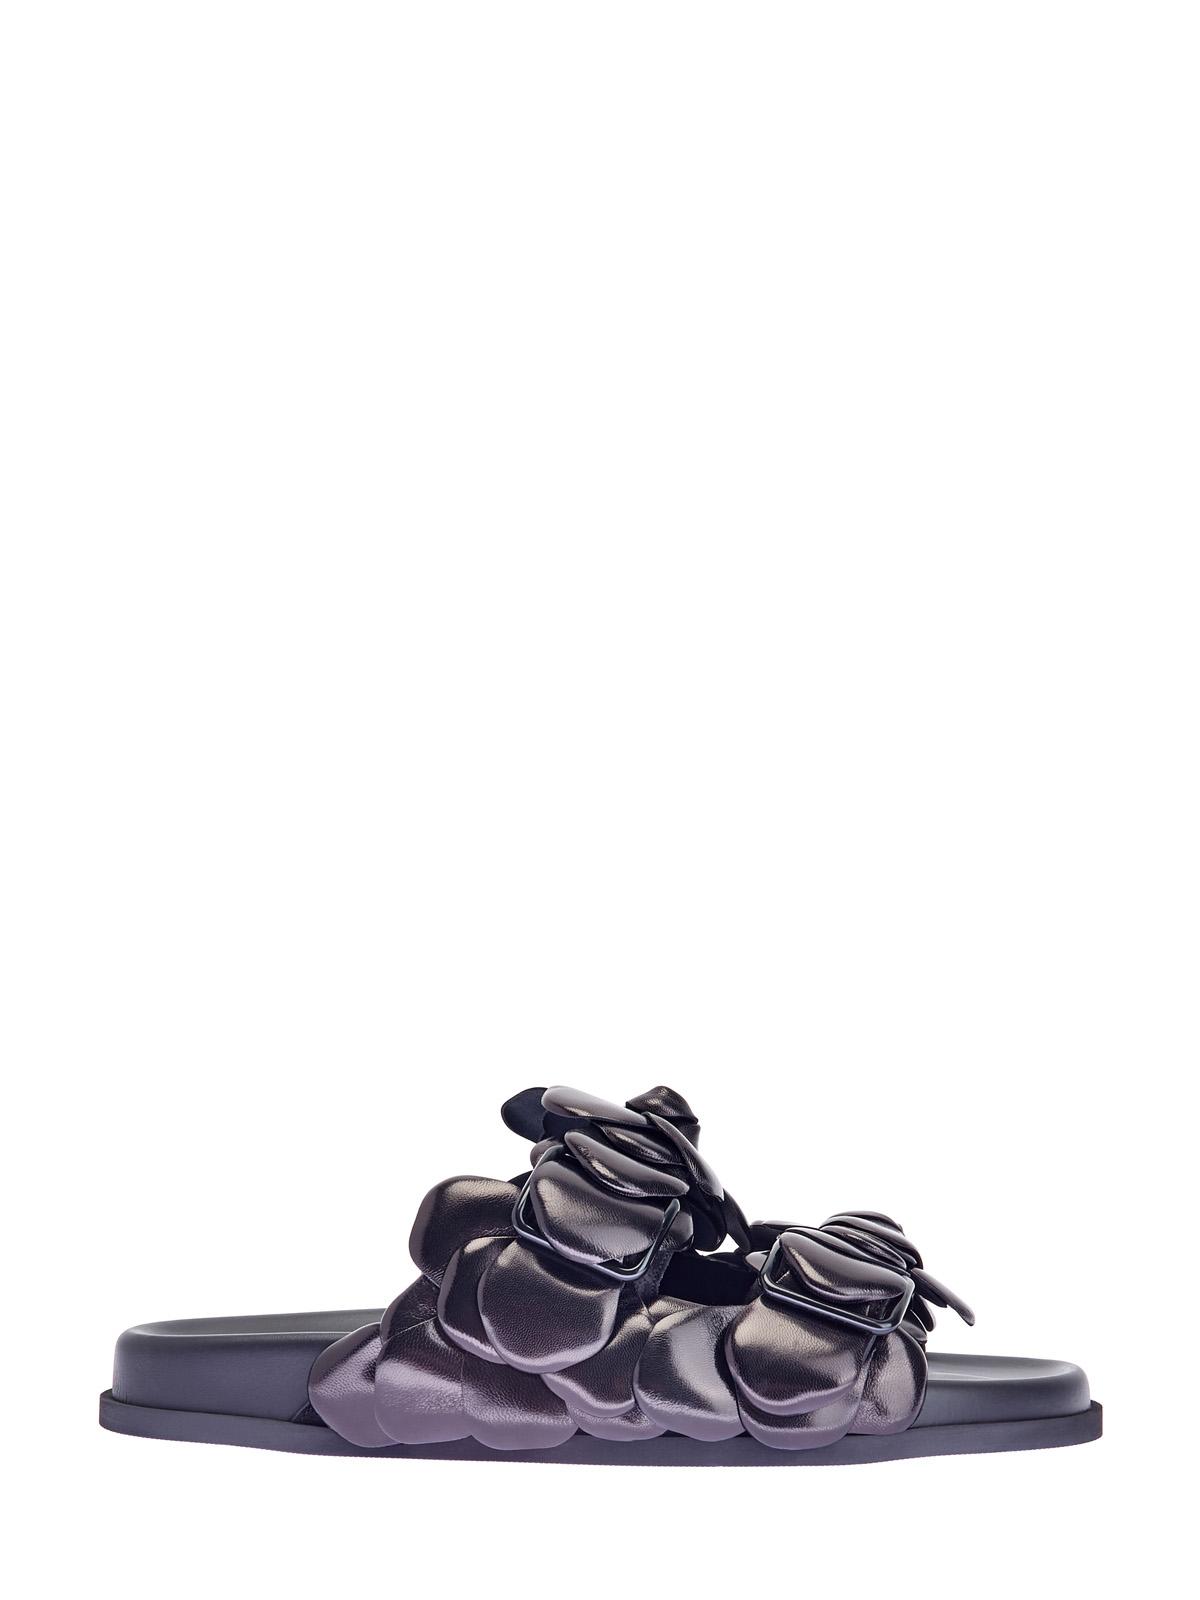 Кожаные шлепанцы Atelier Shoes с декором ручной работы